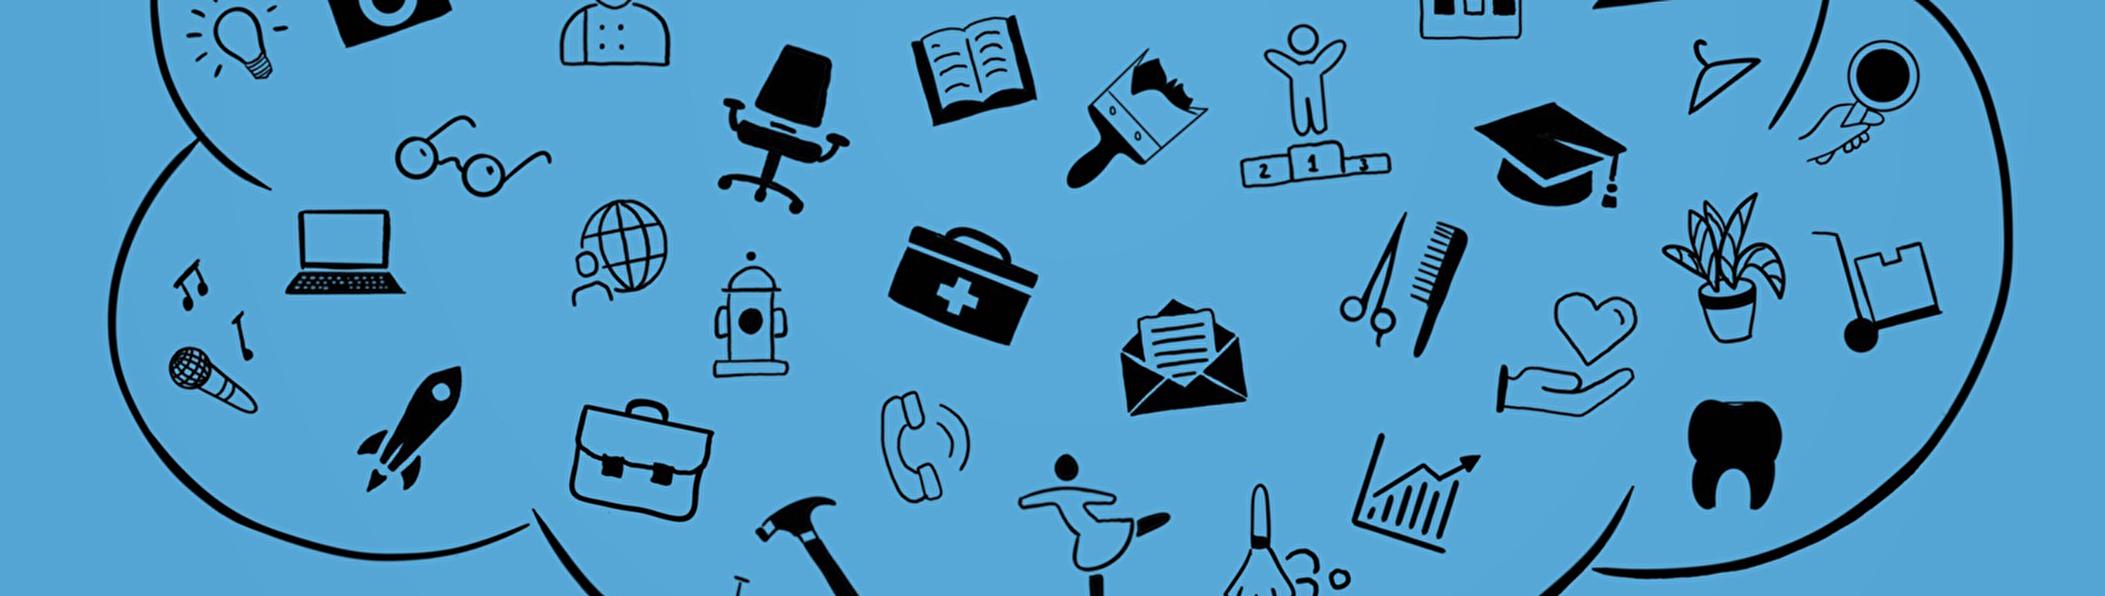 verschiedene Piktogramme zu Berufen